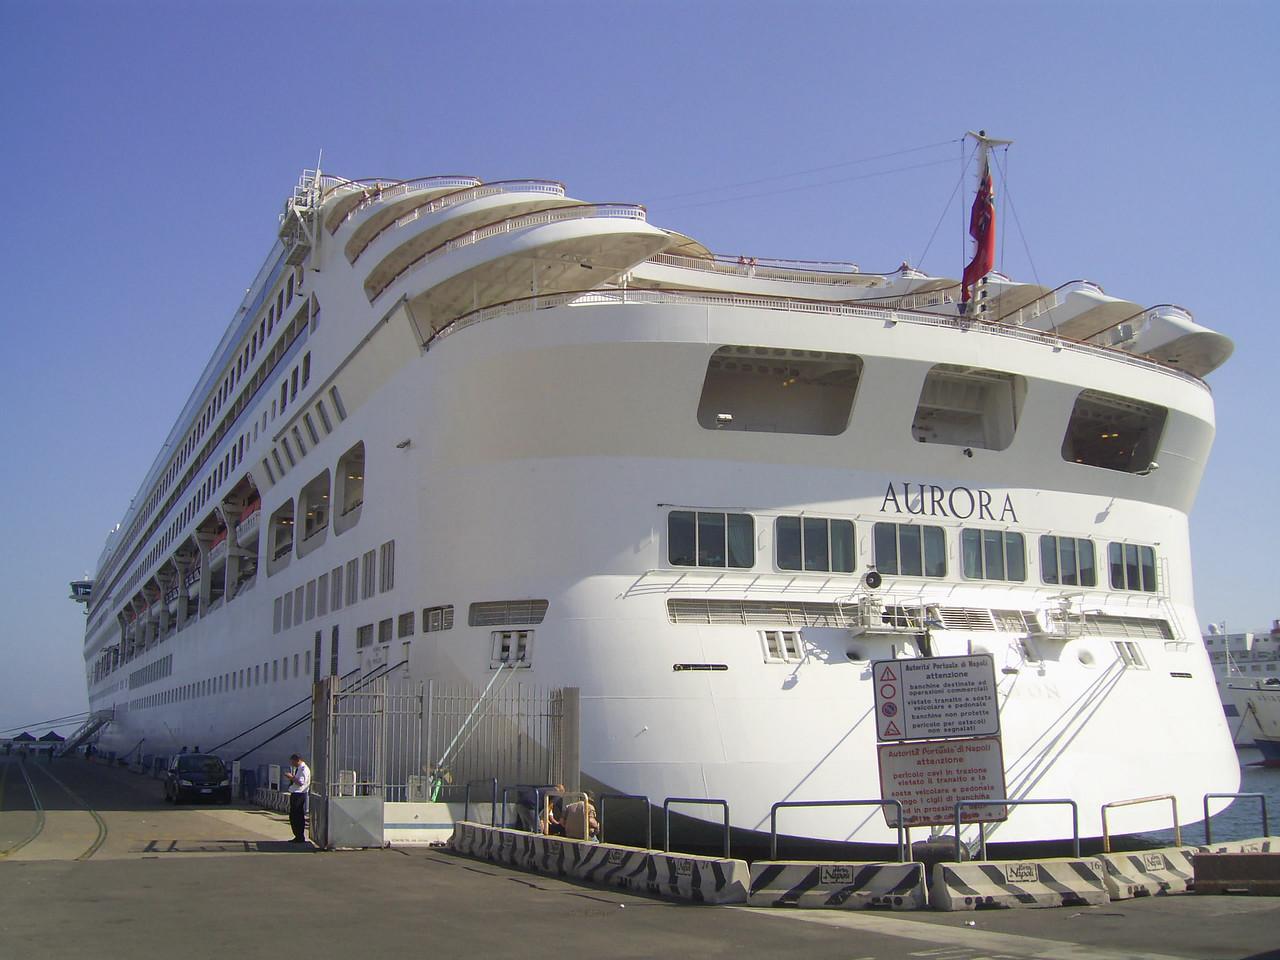 M/S AURORA moored in Napoli.